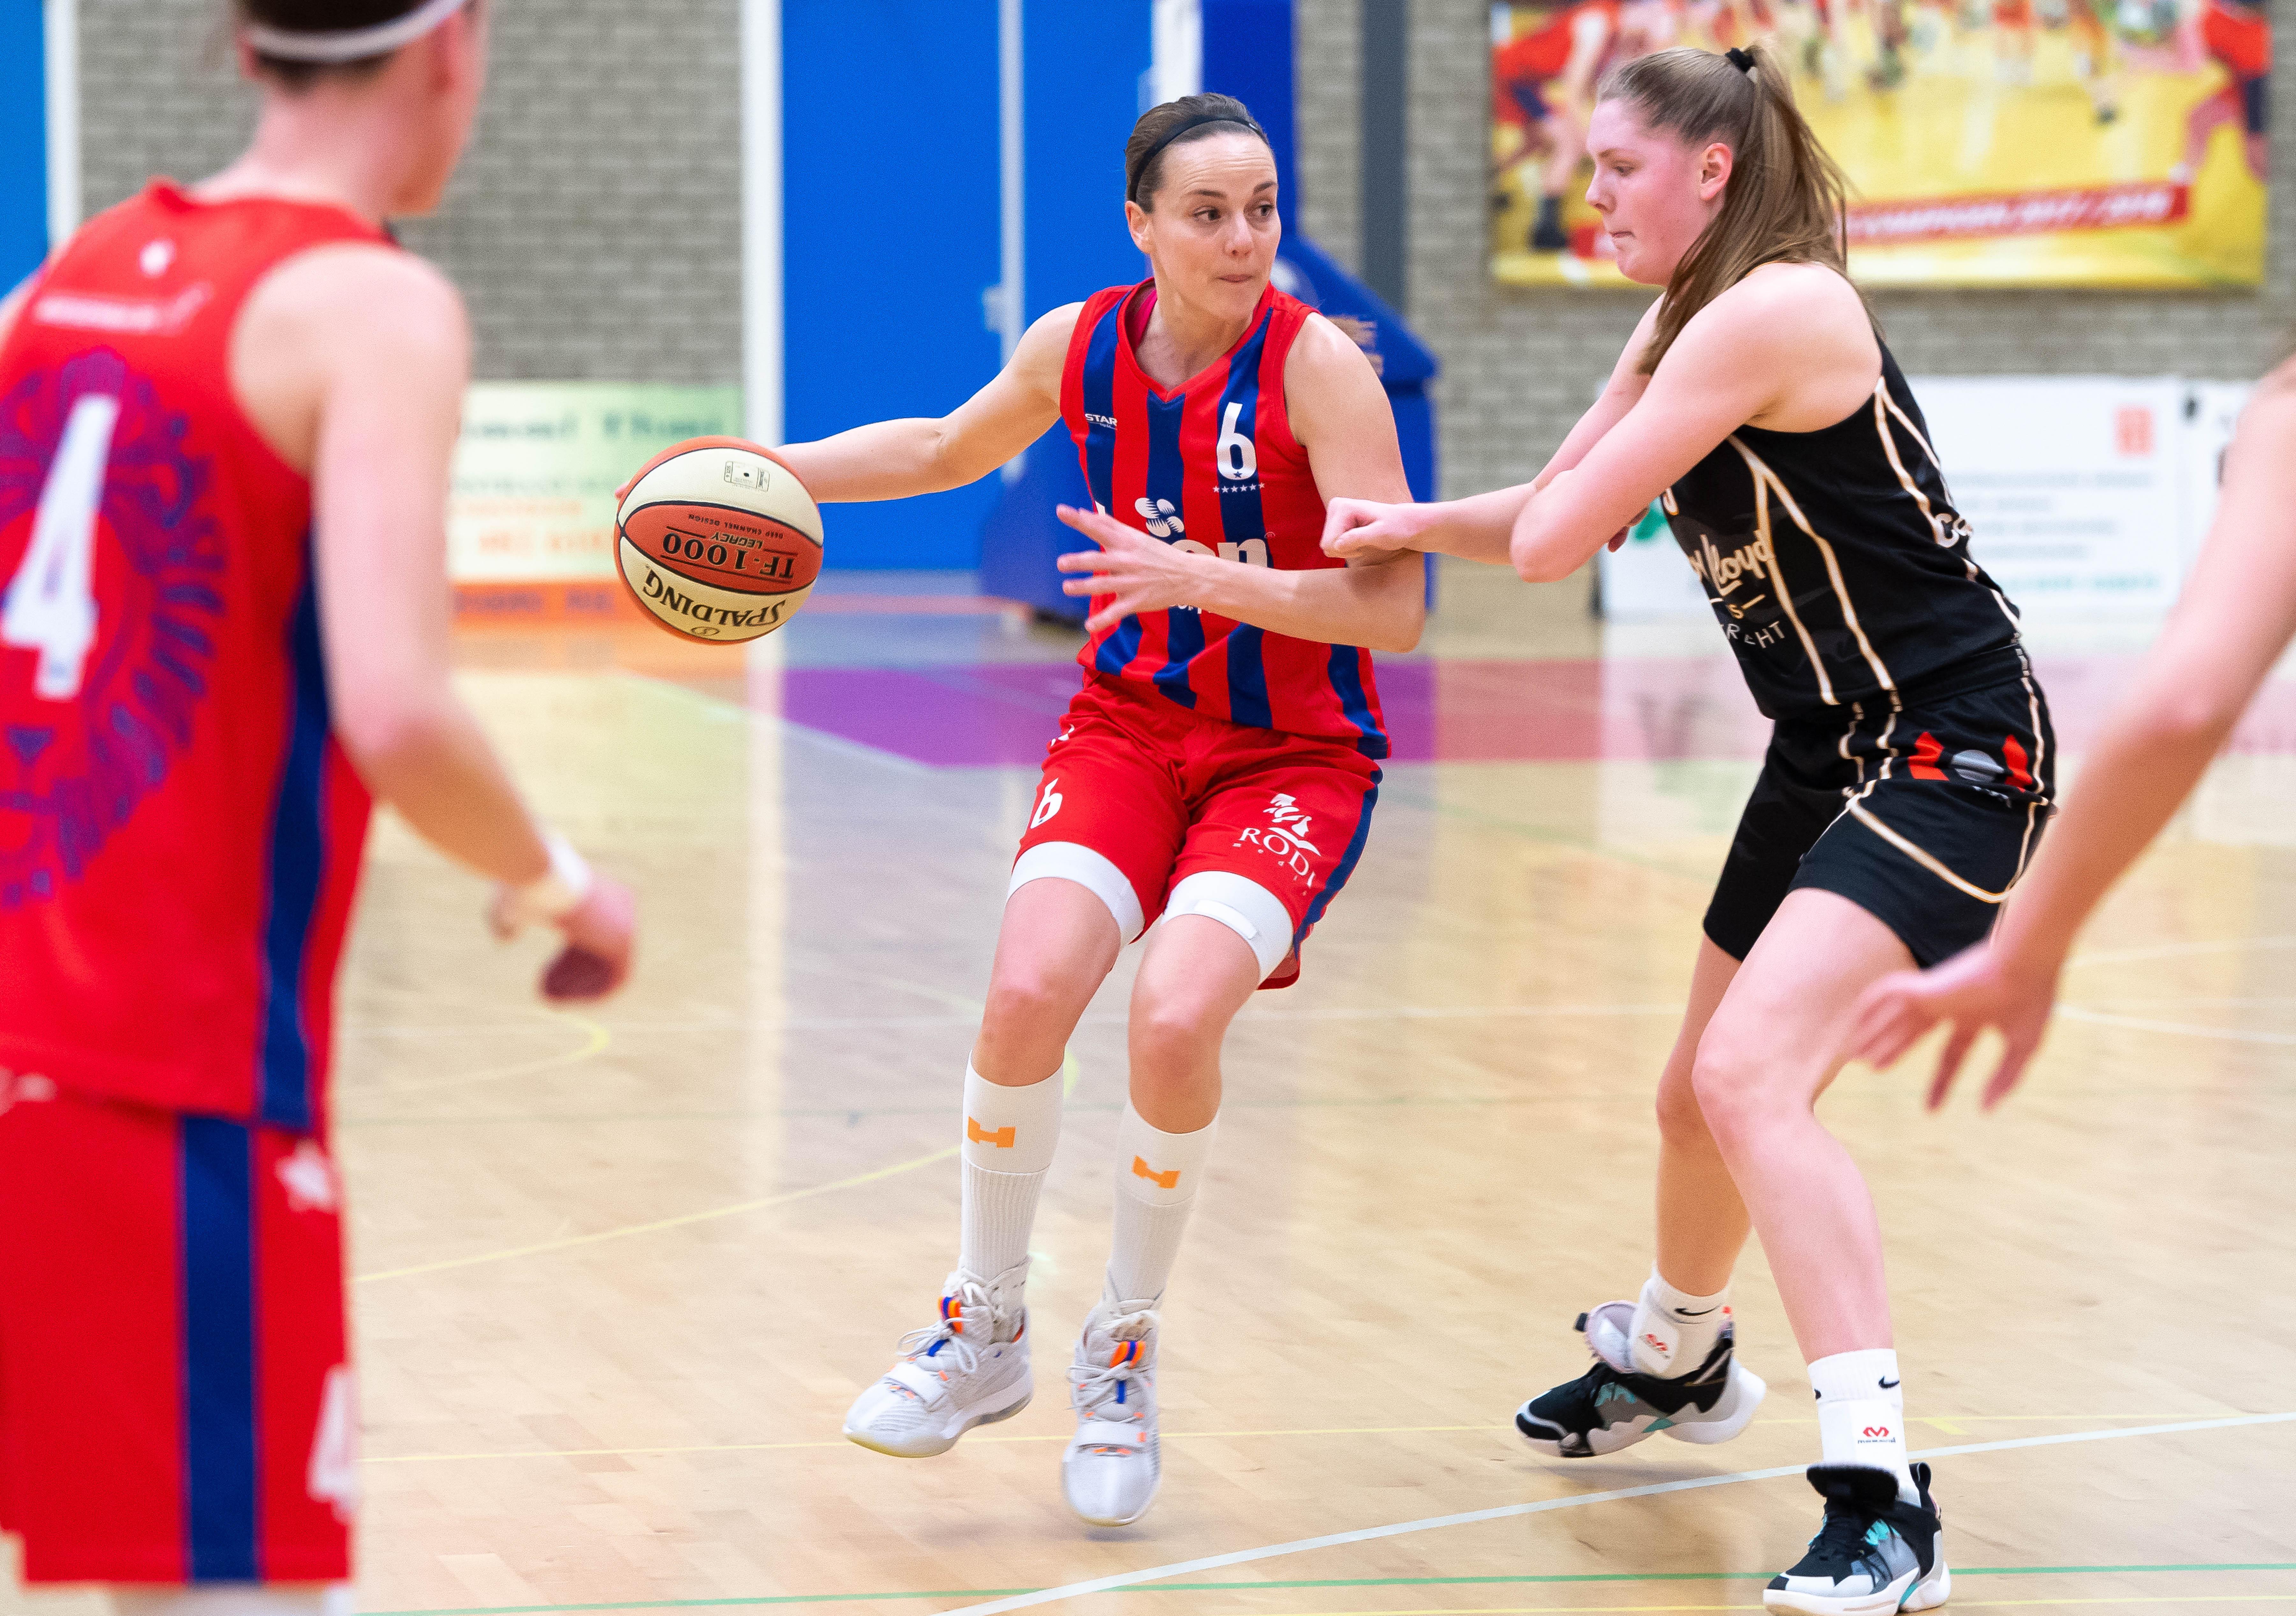 'Ik kook nu ineens elke dag'; Lions-basketbalster Tanya Bröring probeert fit te blijven en heeft ook tijd voor andere dingen